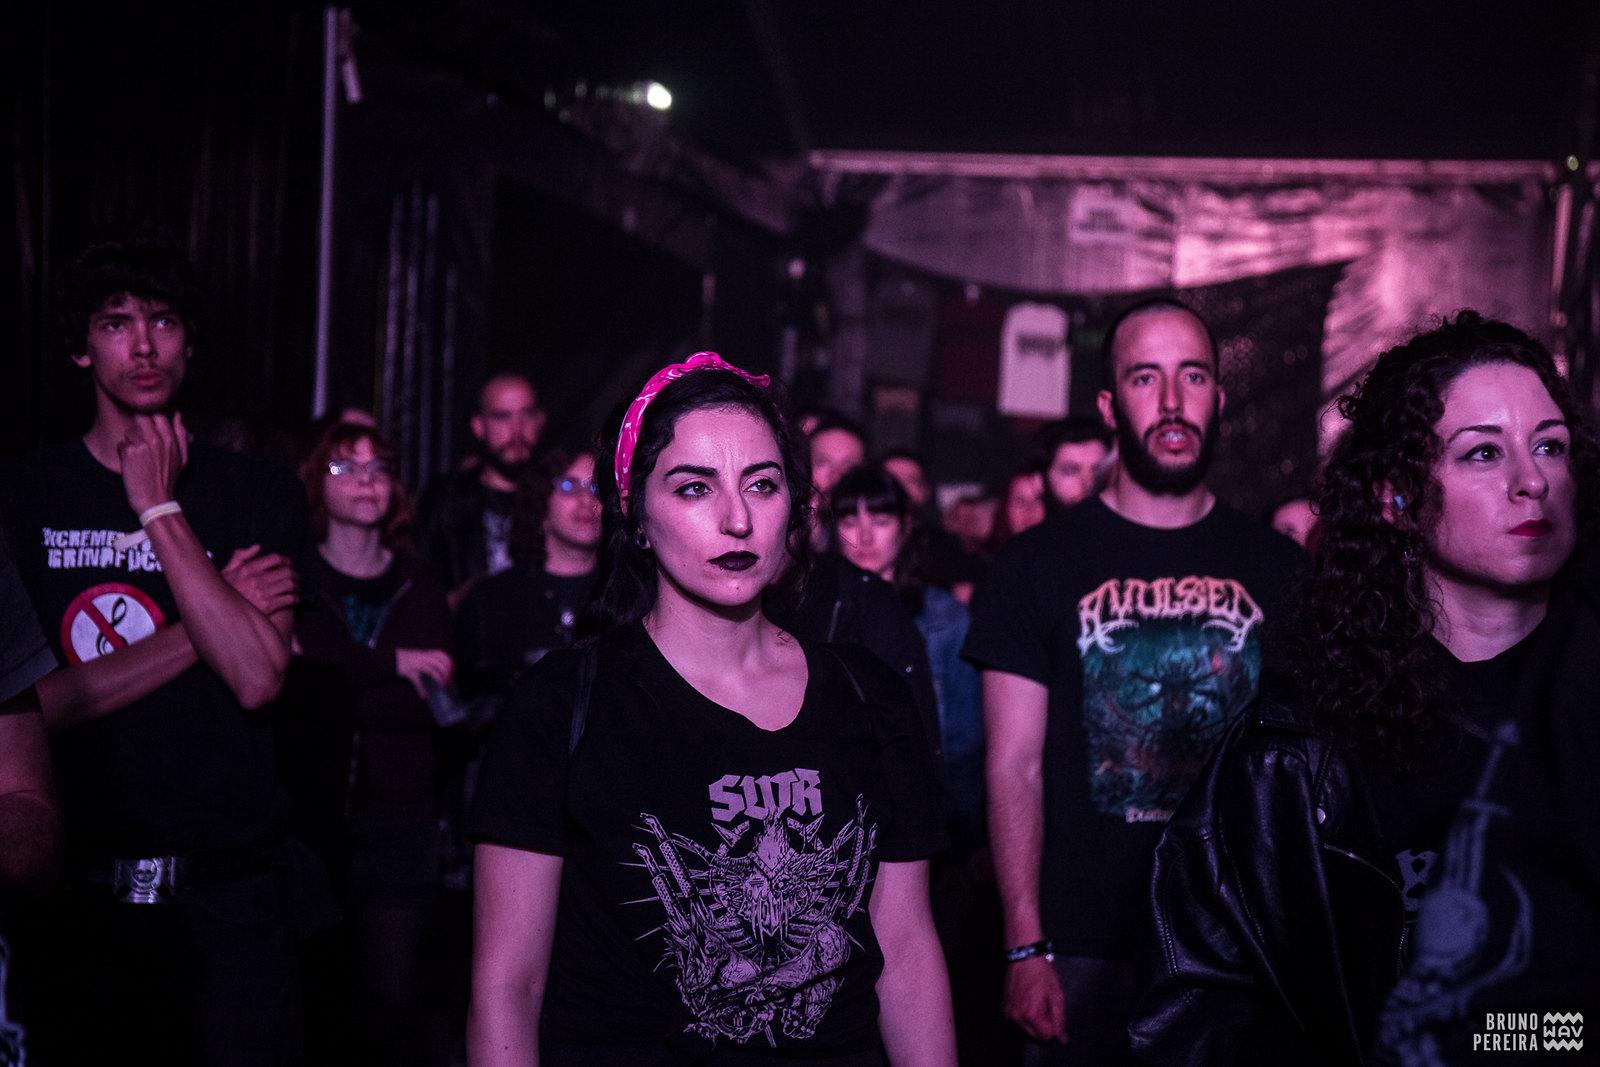 Antevisão SWR Barroselas Metalfest 22 - Aqui se ergue de novo o reino do guerreiro